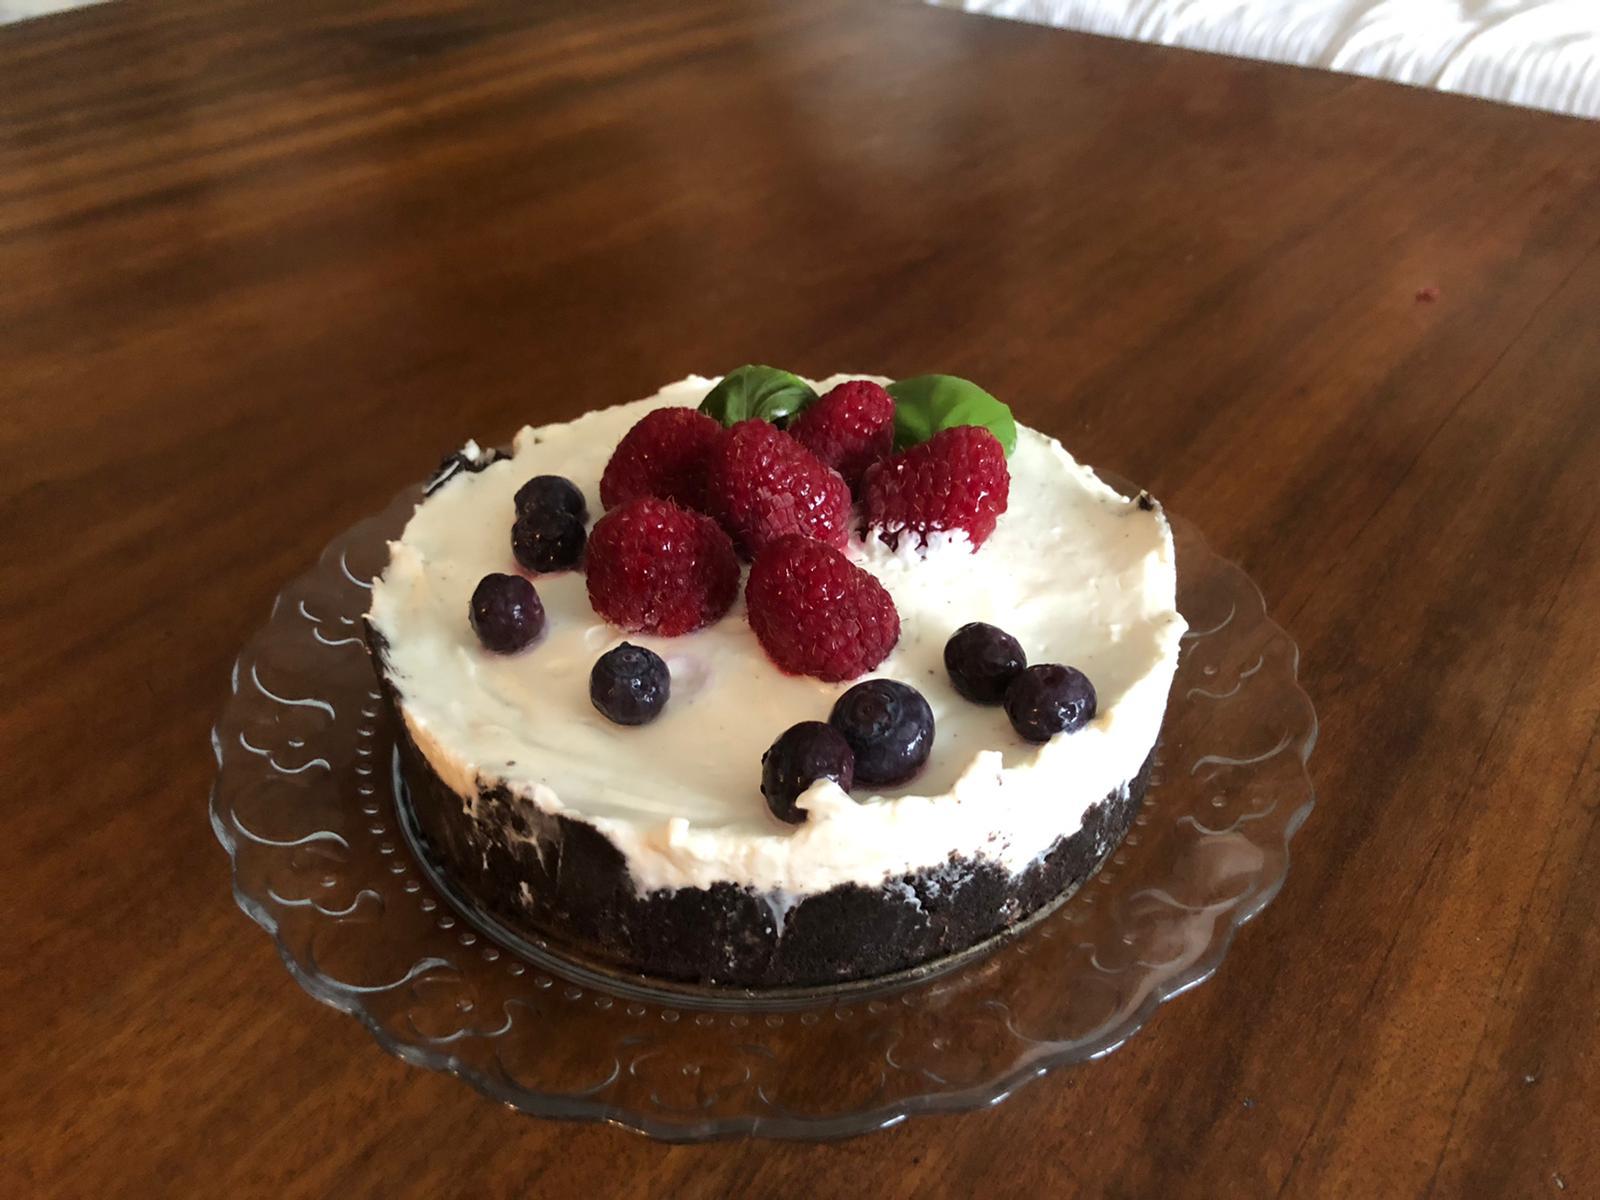 Presentación de la receta de tarte oreo frutas